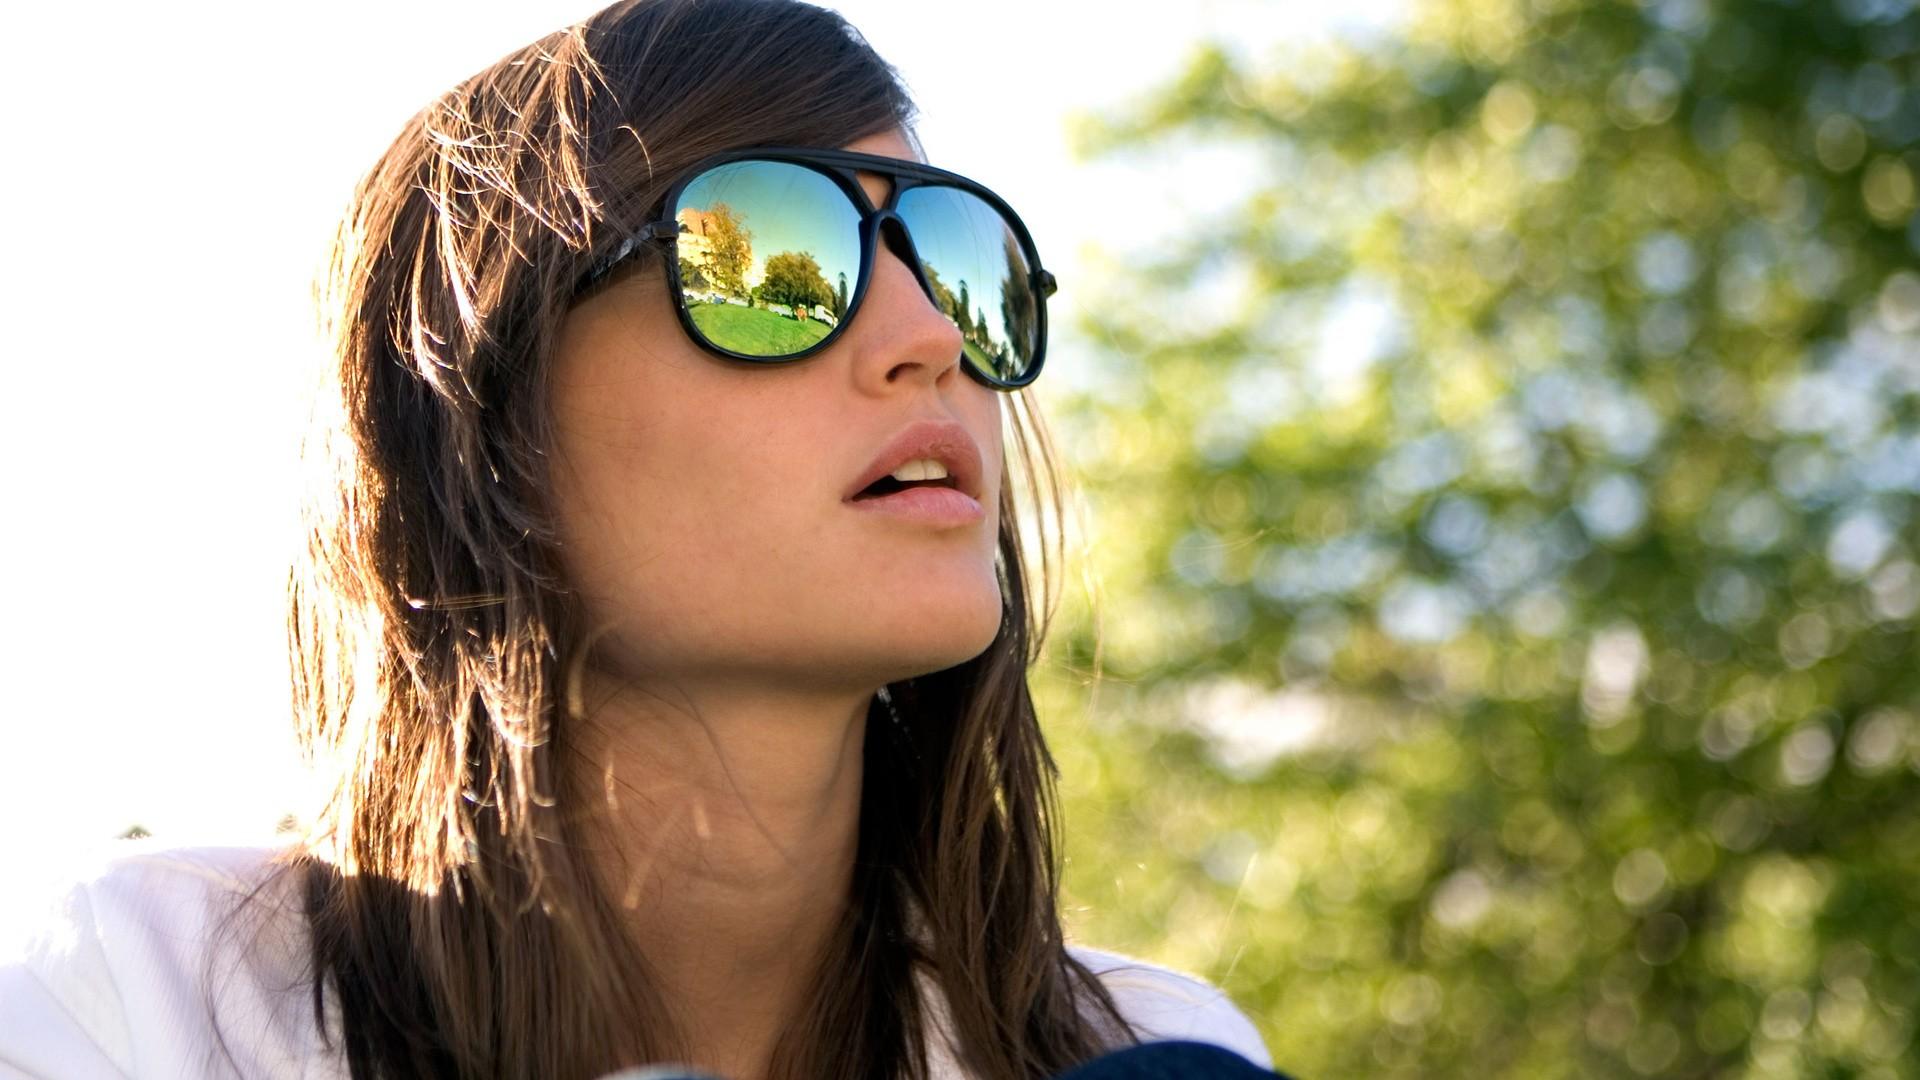 cd4f0505751ec Oftalmologista Terla Castro explica a importância dos óculos com proteção  UV – MK